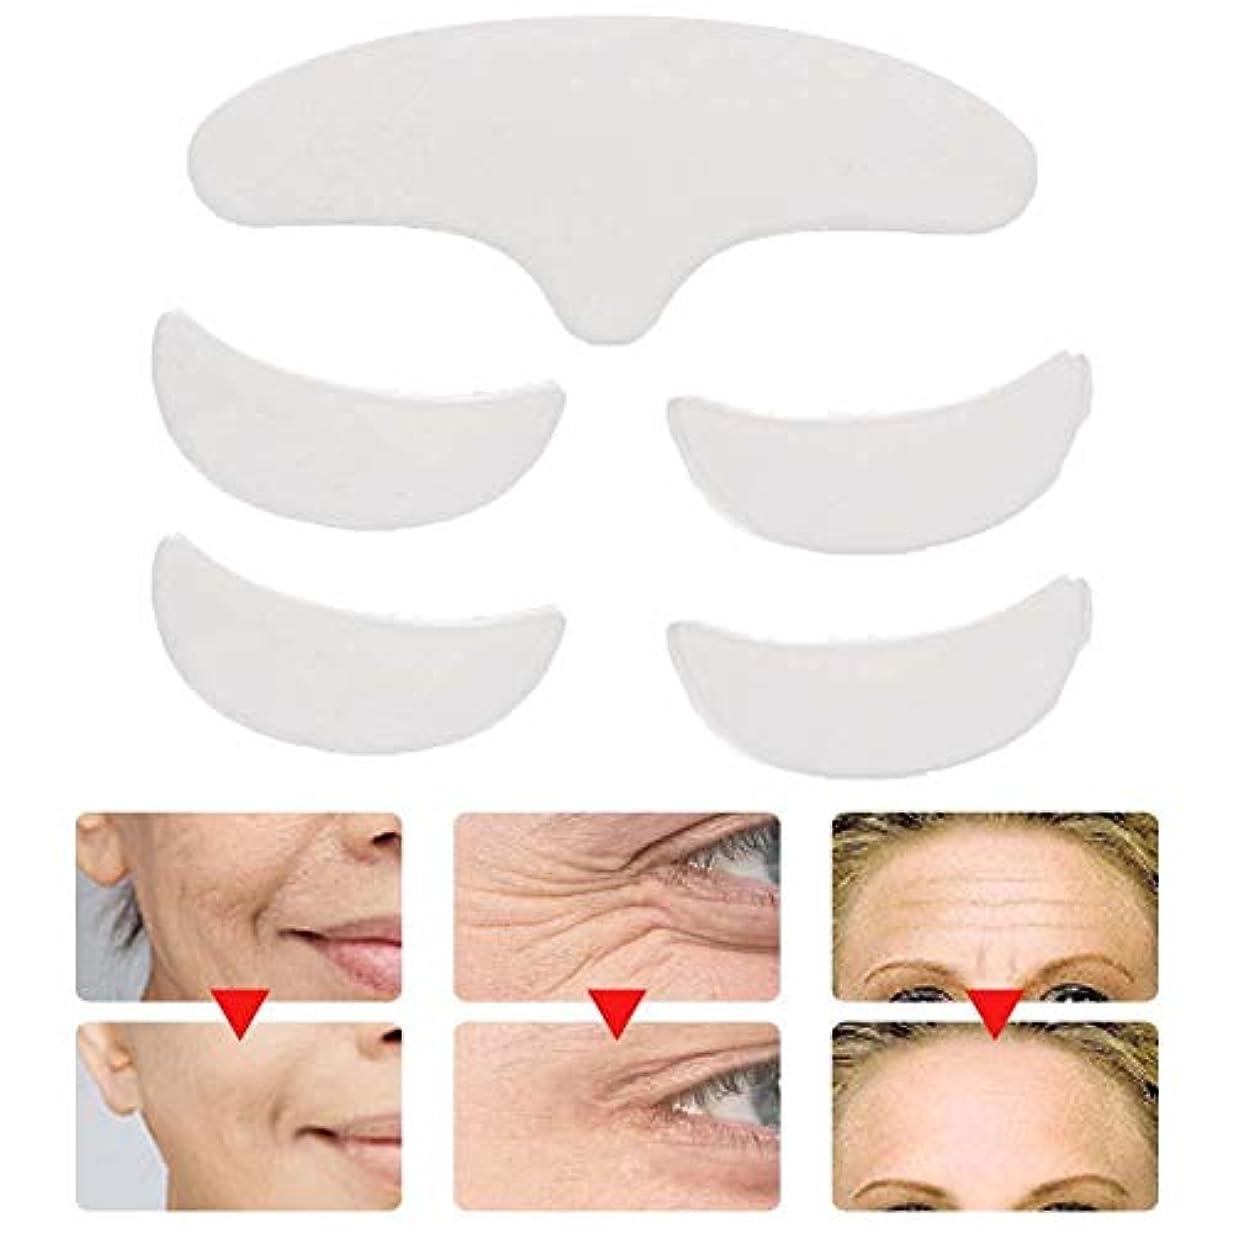 禁止静脈公使館5個再利用可能な洗える額の目の顔のパッチ、抗しわパッドスキンリフティングシリコーンパッチ, 5個のアンチリンクルシリコンパッチパッドスキンリフティング再利用可能な洗える額アイフェイスパッチ